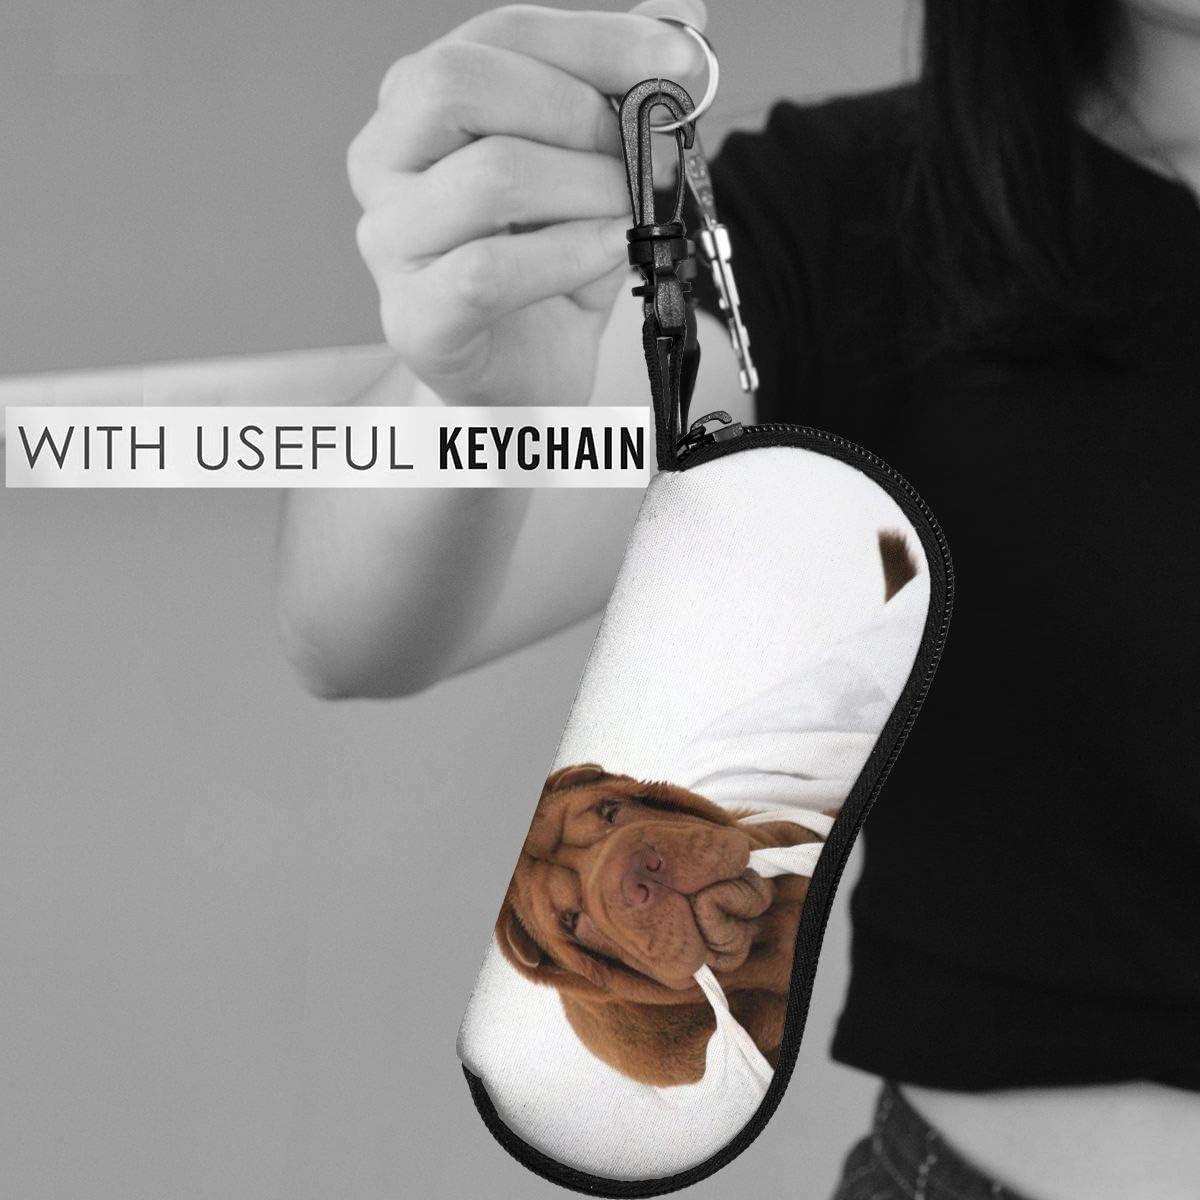 Shar Pei DogSunglasses Soft Case Portable Ultra Light Neoprene Zipper Eyeglass Case Holder With Belt Clip